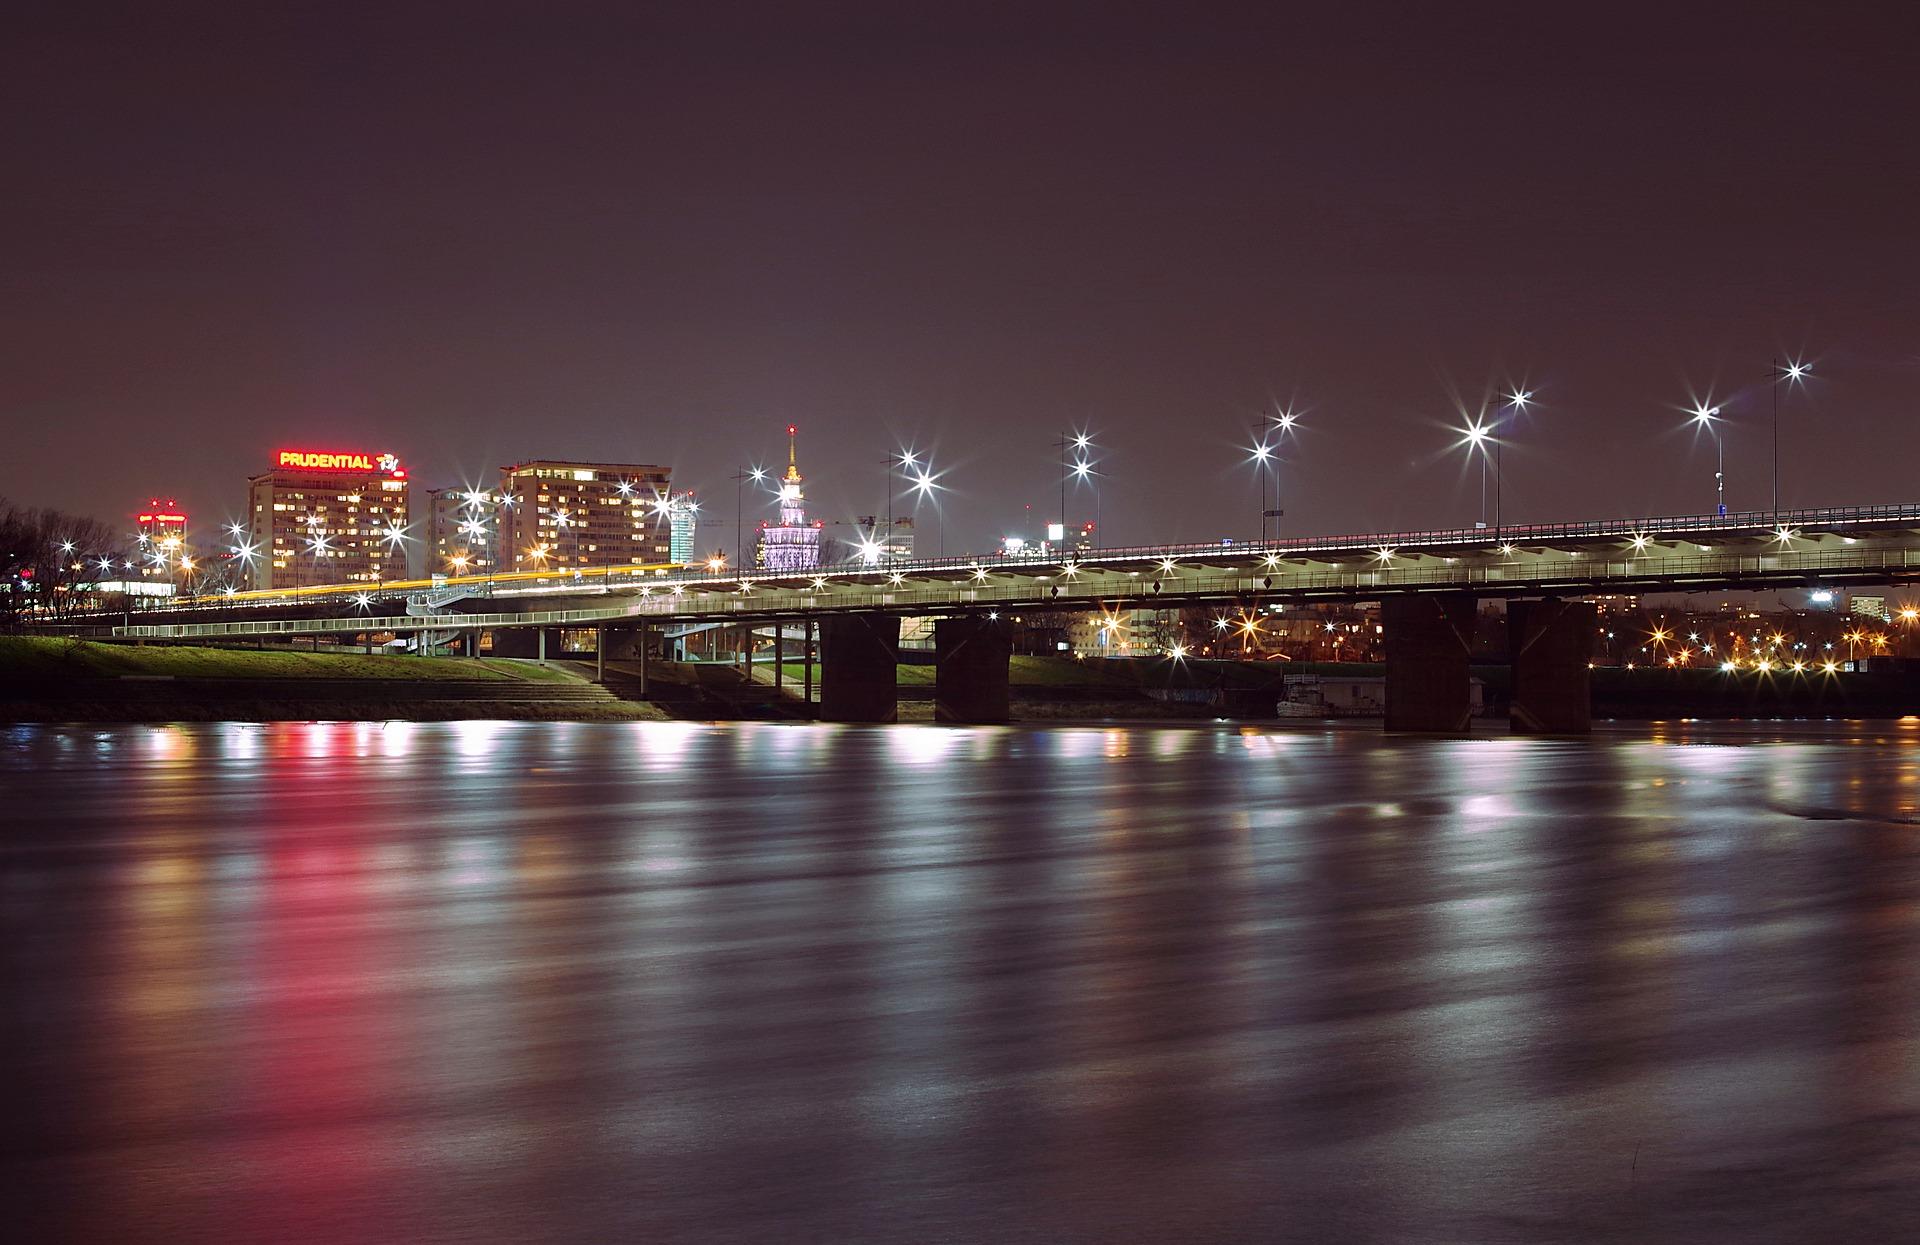 Bei Nacht wird die Stadt noch schöner, Silvester in Warschau feiern und sich selber überzeugen